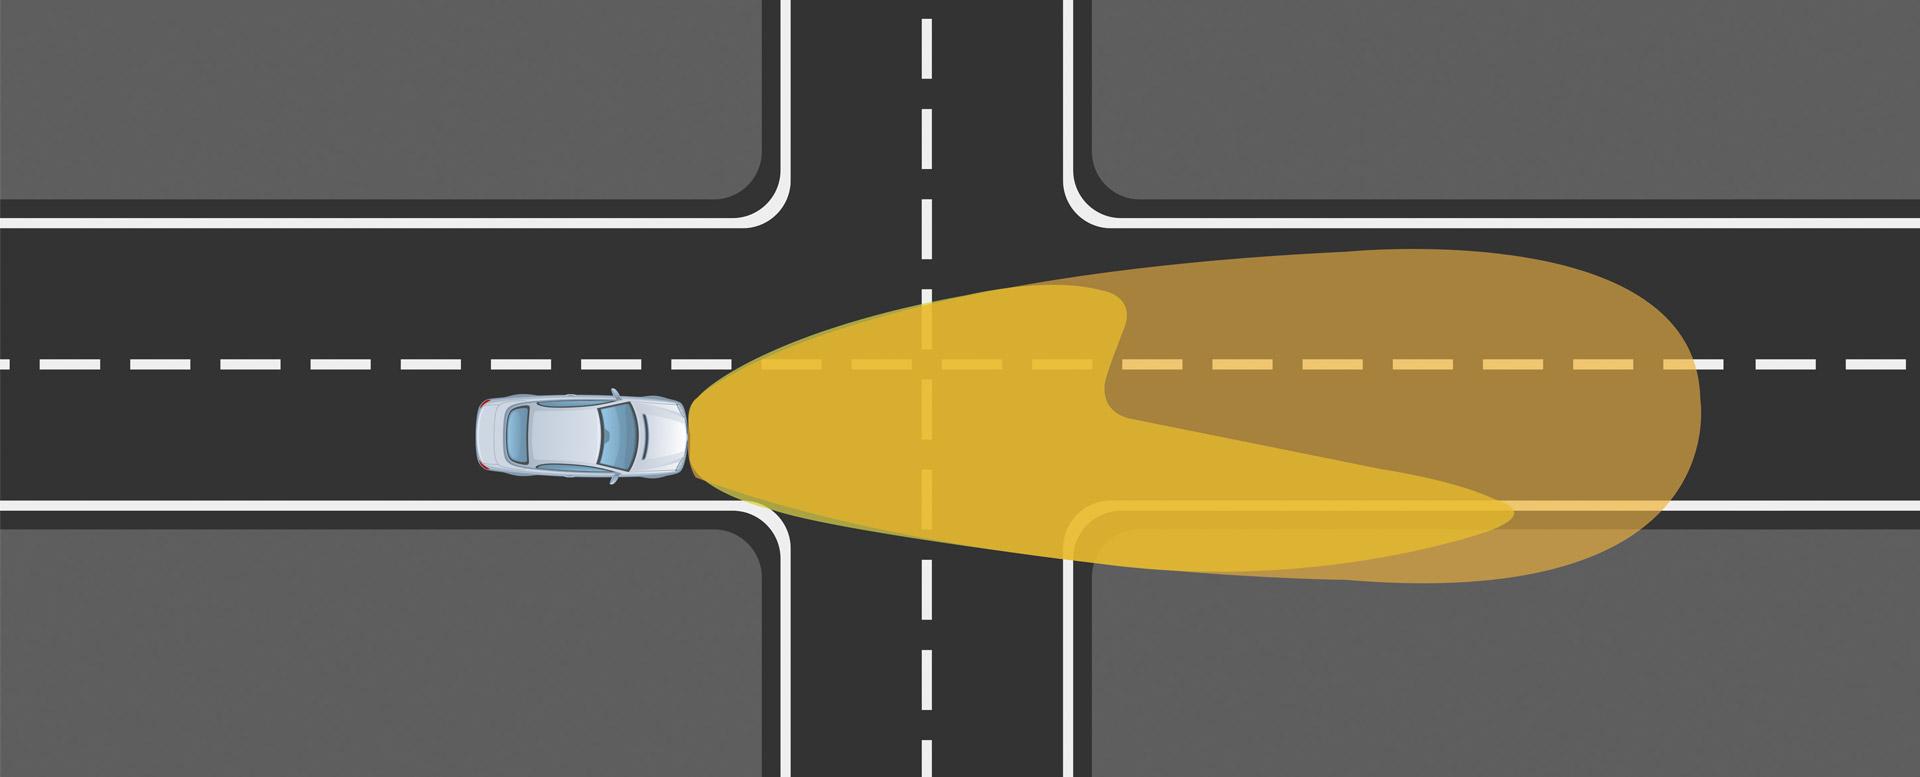 Auto-Lichter: Abblendlicht versus Fernlicht